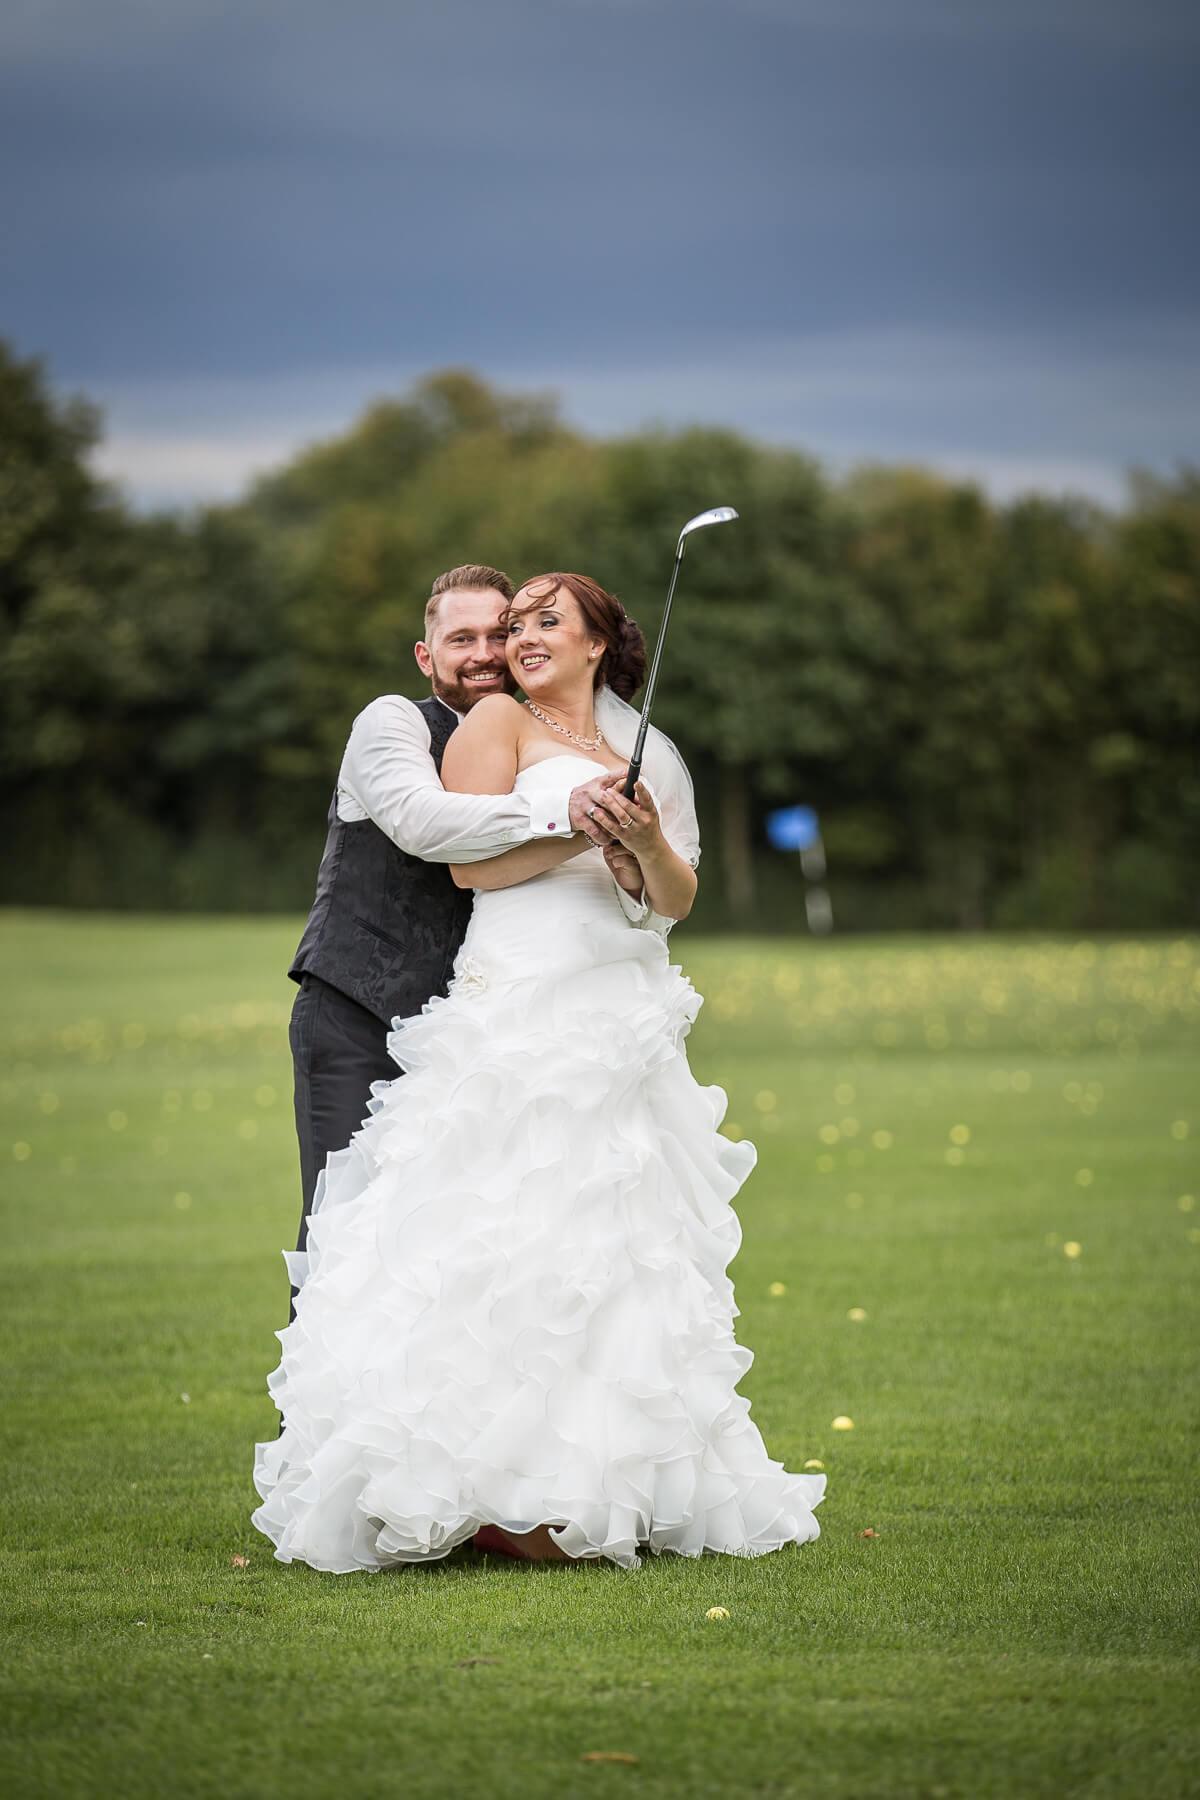 Hochzeitsreportage  Fotograf  Freie Trauung  Golfplatz Hummelbachaue  Neuss 07